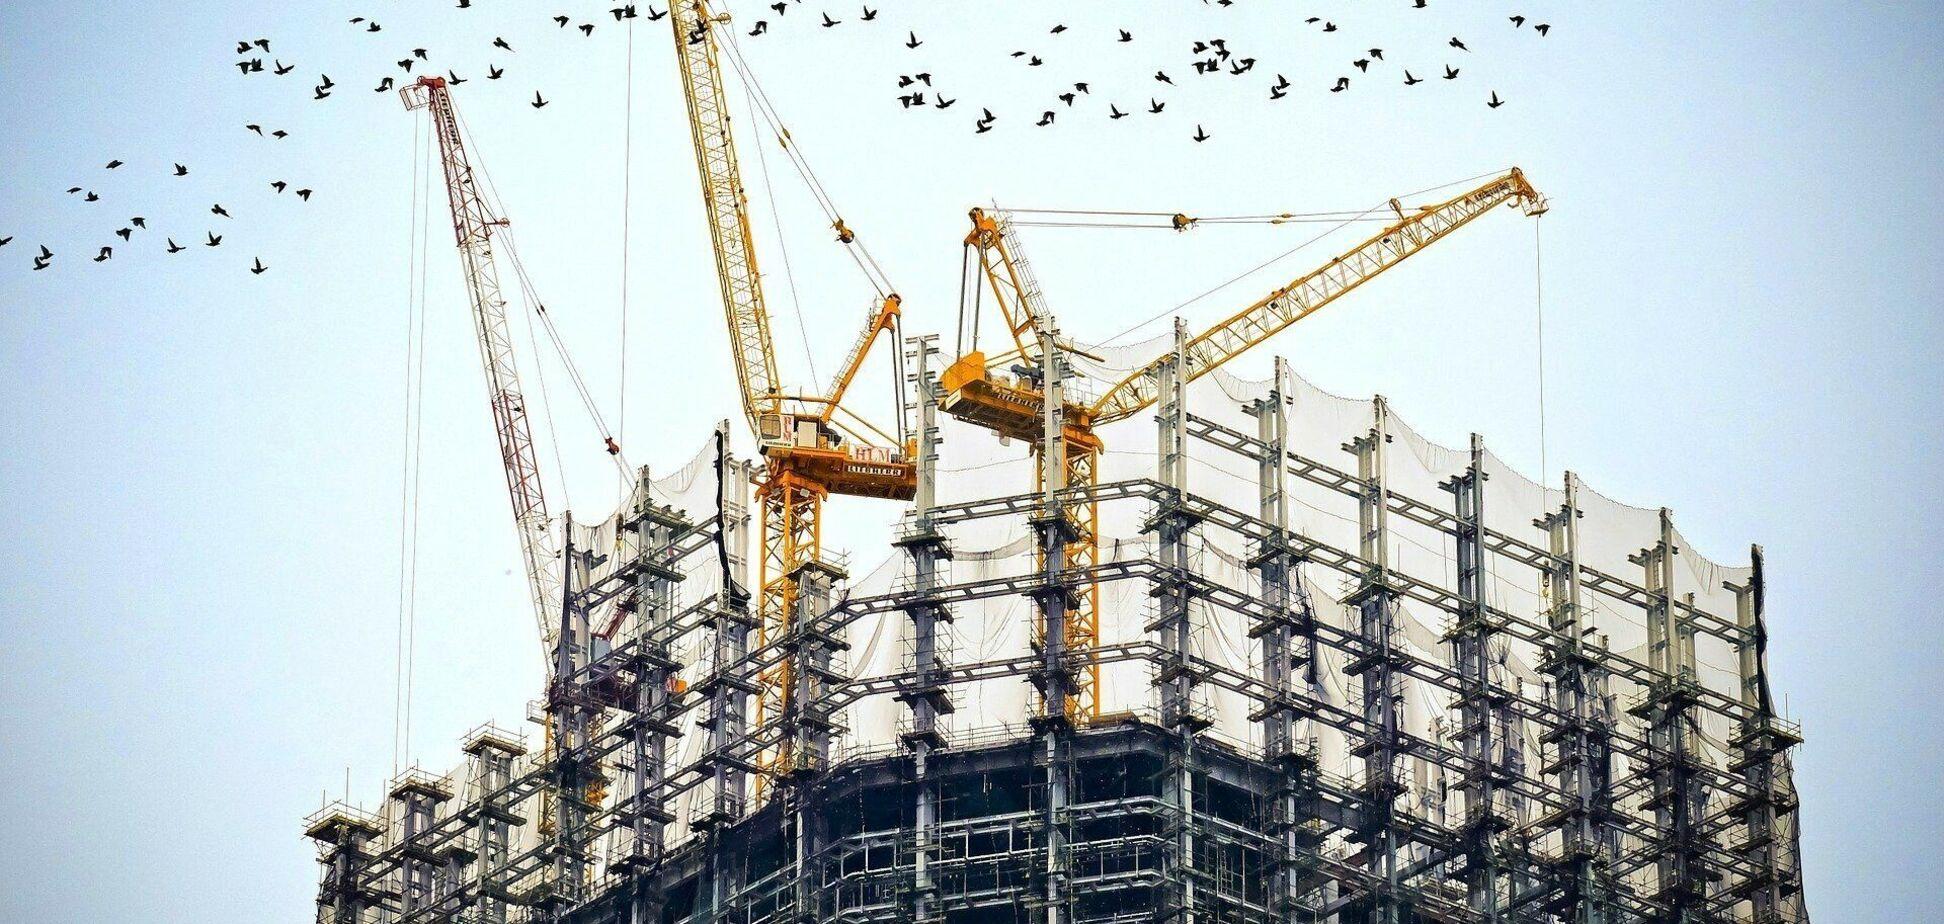 Эксперты рассказали, выгодно ли сейчас украинцам вкладывать в недвижимость